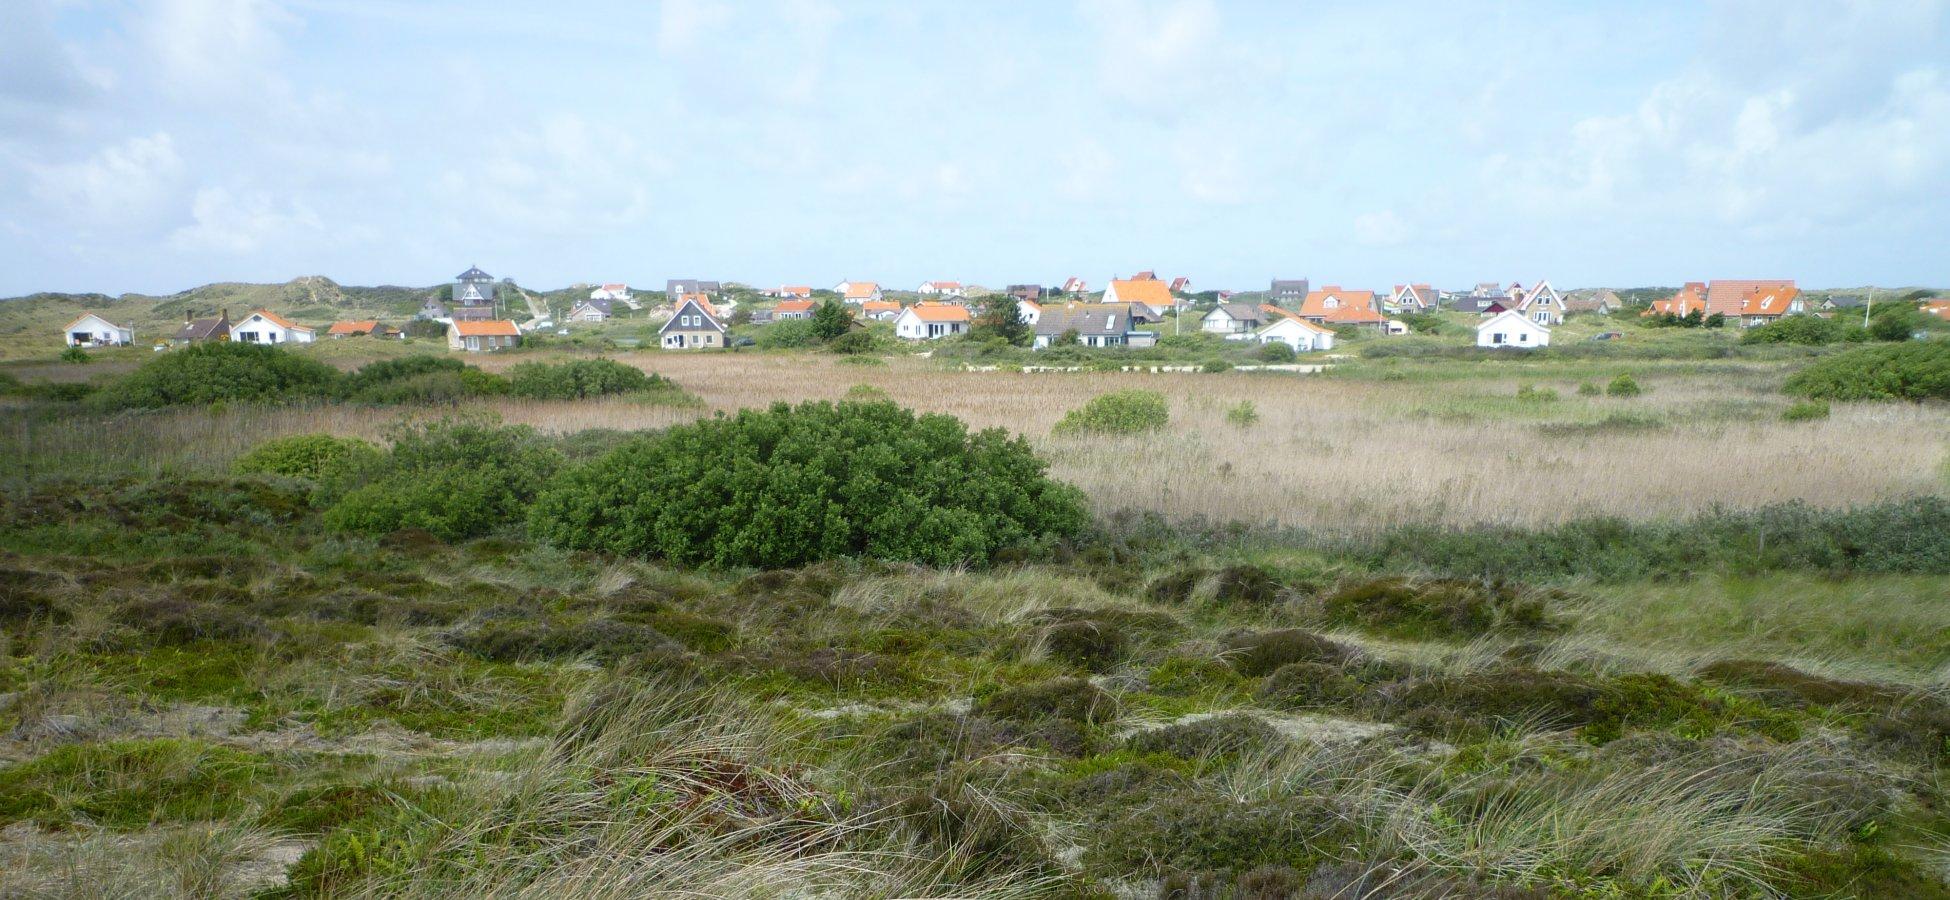 39112ee538c 900+ Vakantieverblijven op Terschelling   vakantiehuis, appartement, chalet  en hotel op Terschelling, vakantie eiland met strand